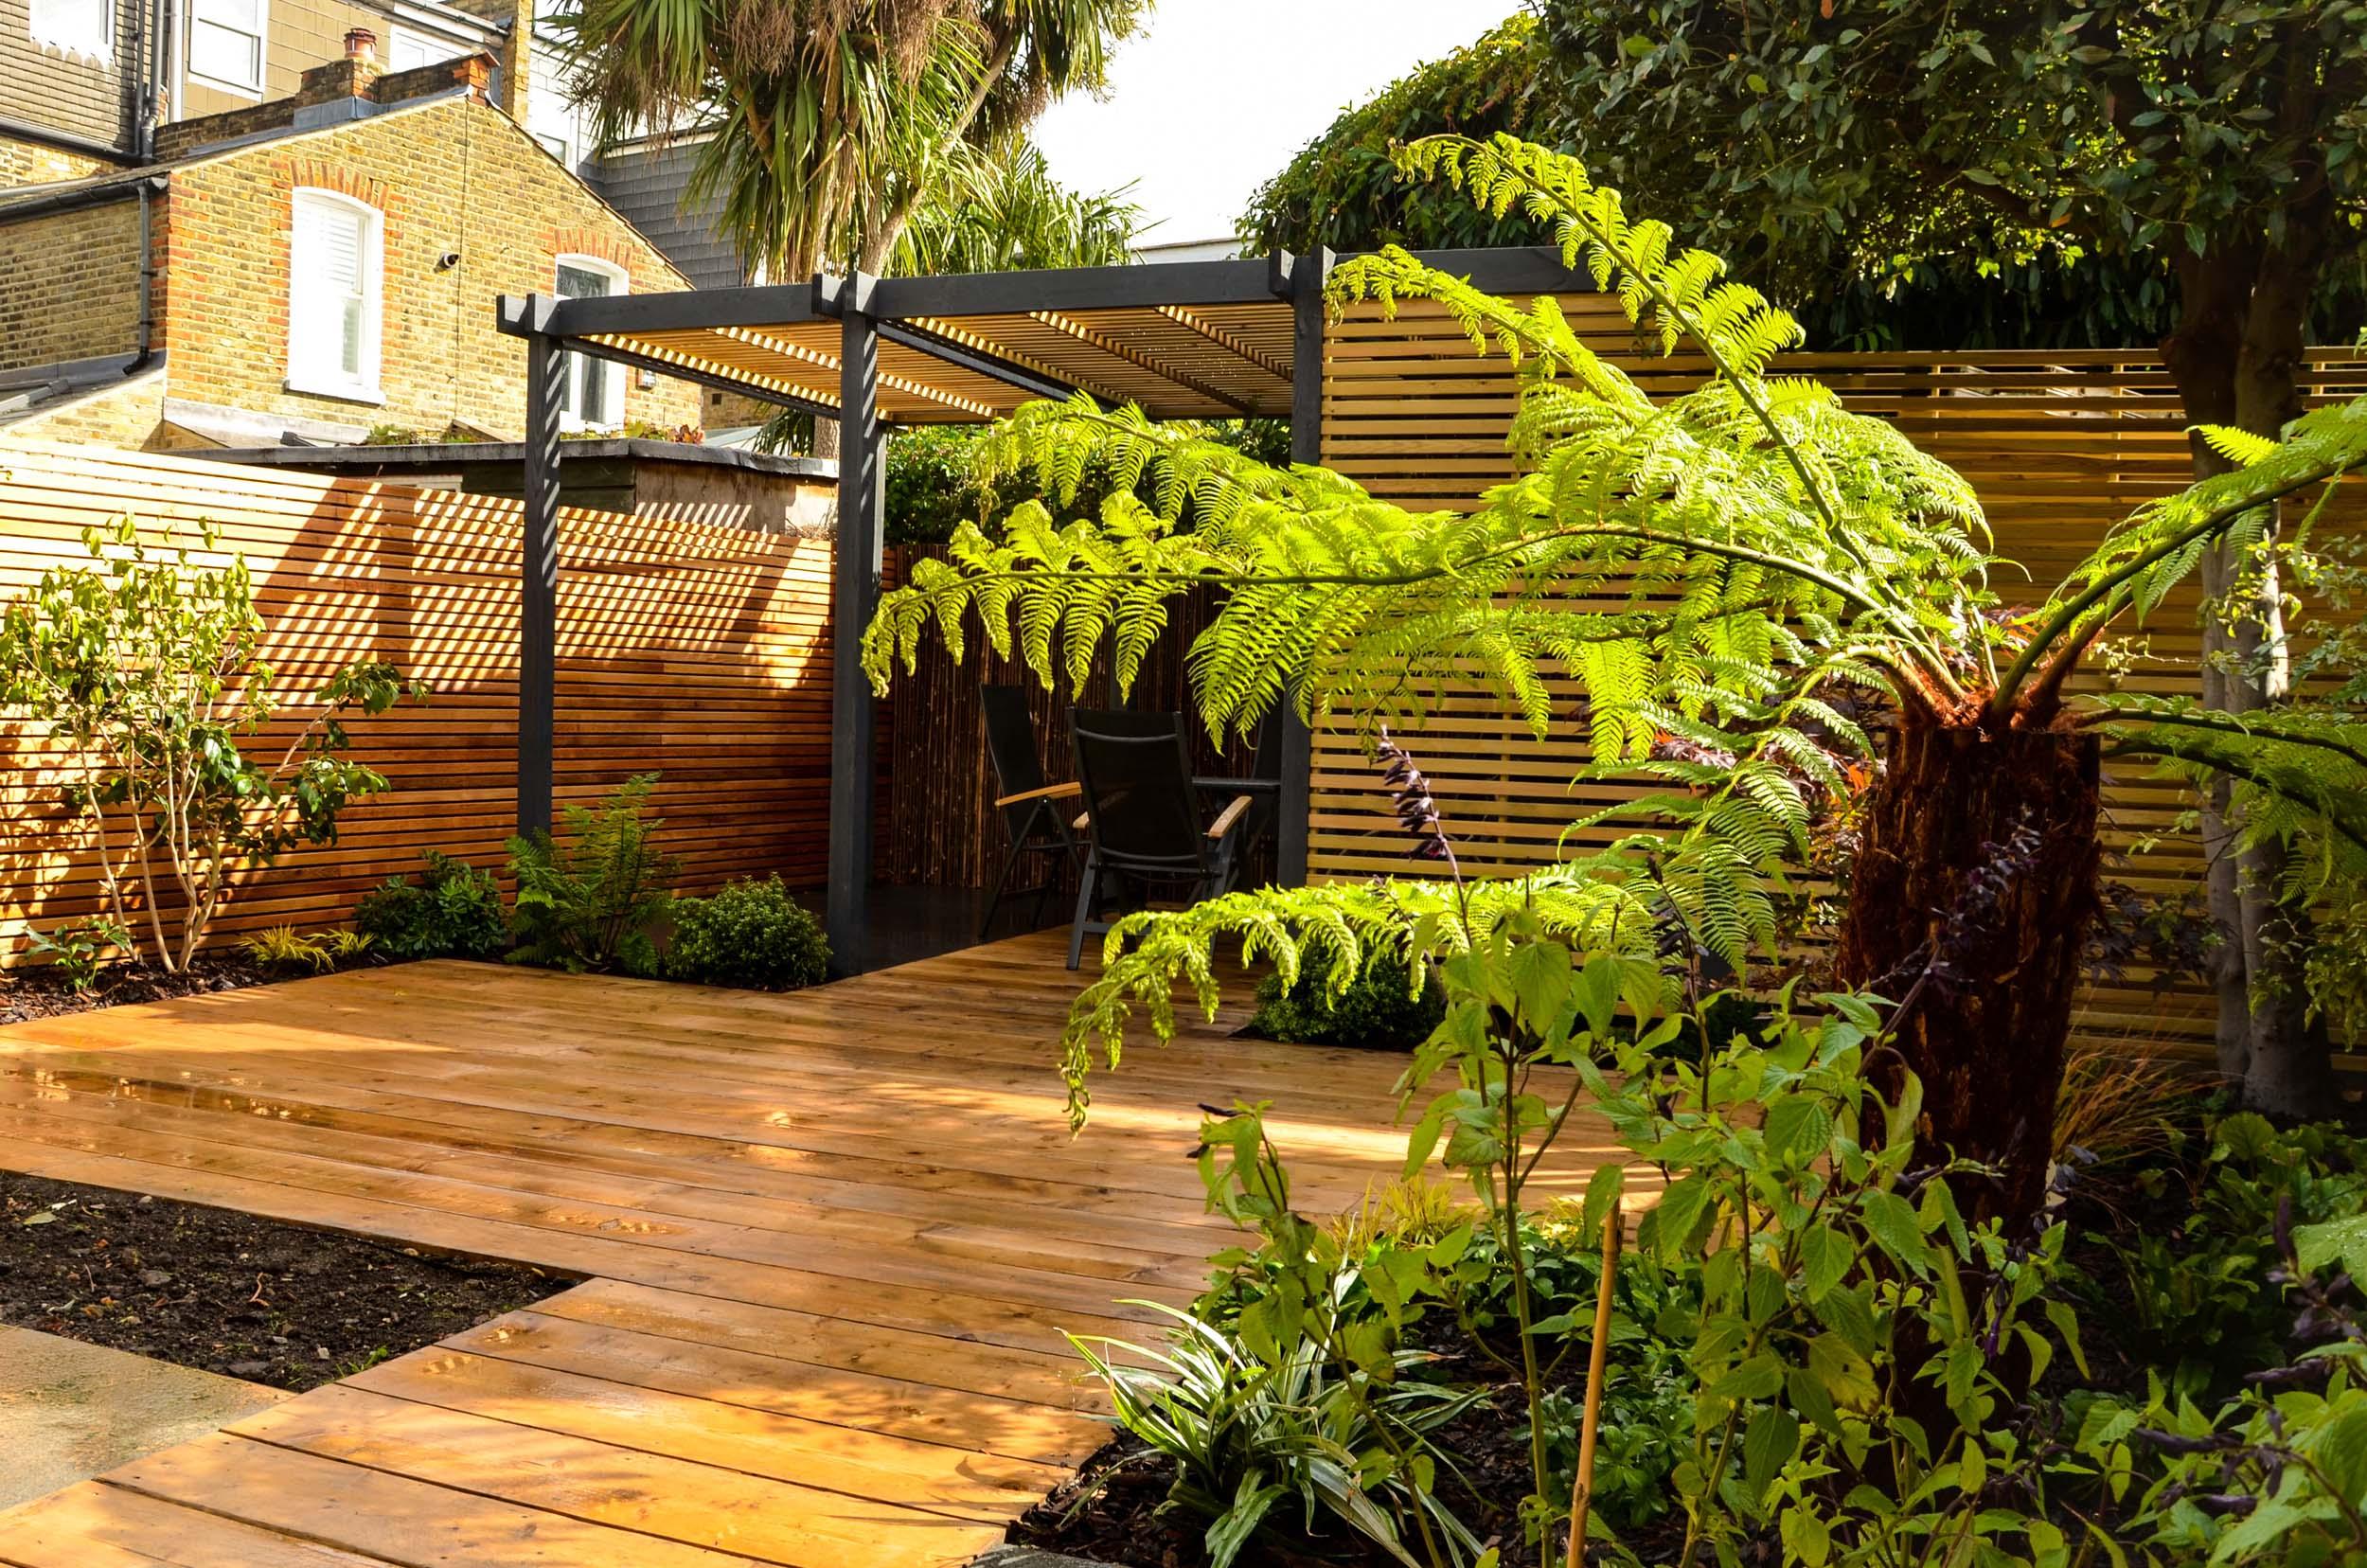 Azara-landscapes-balham-2-garden-design-1.jpg